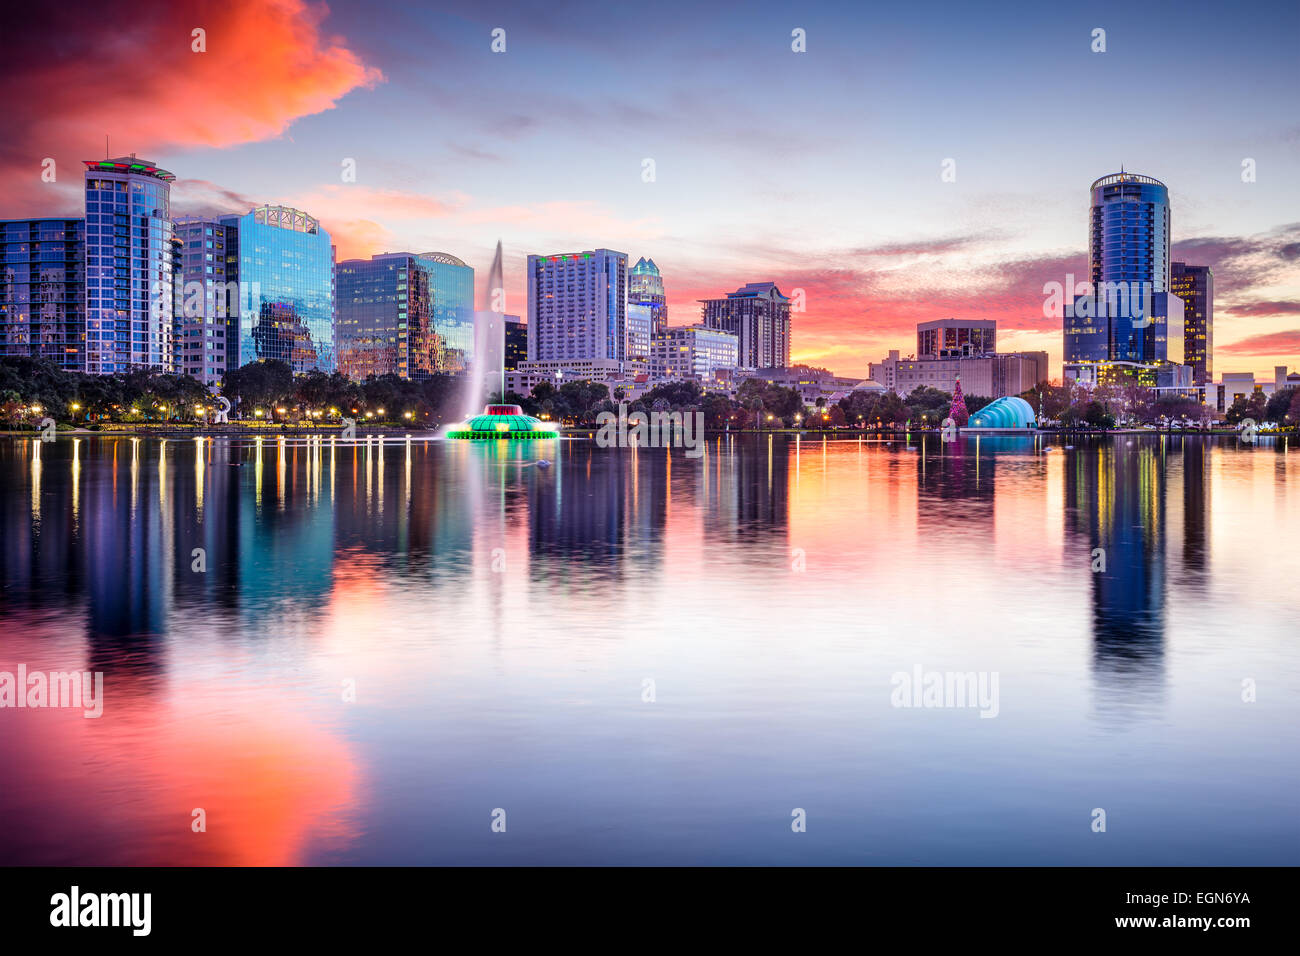 Orlando, Florida, USA skyline at Eola Lake. - Stock Image